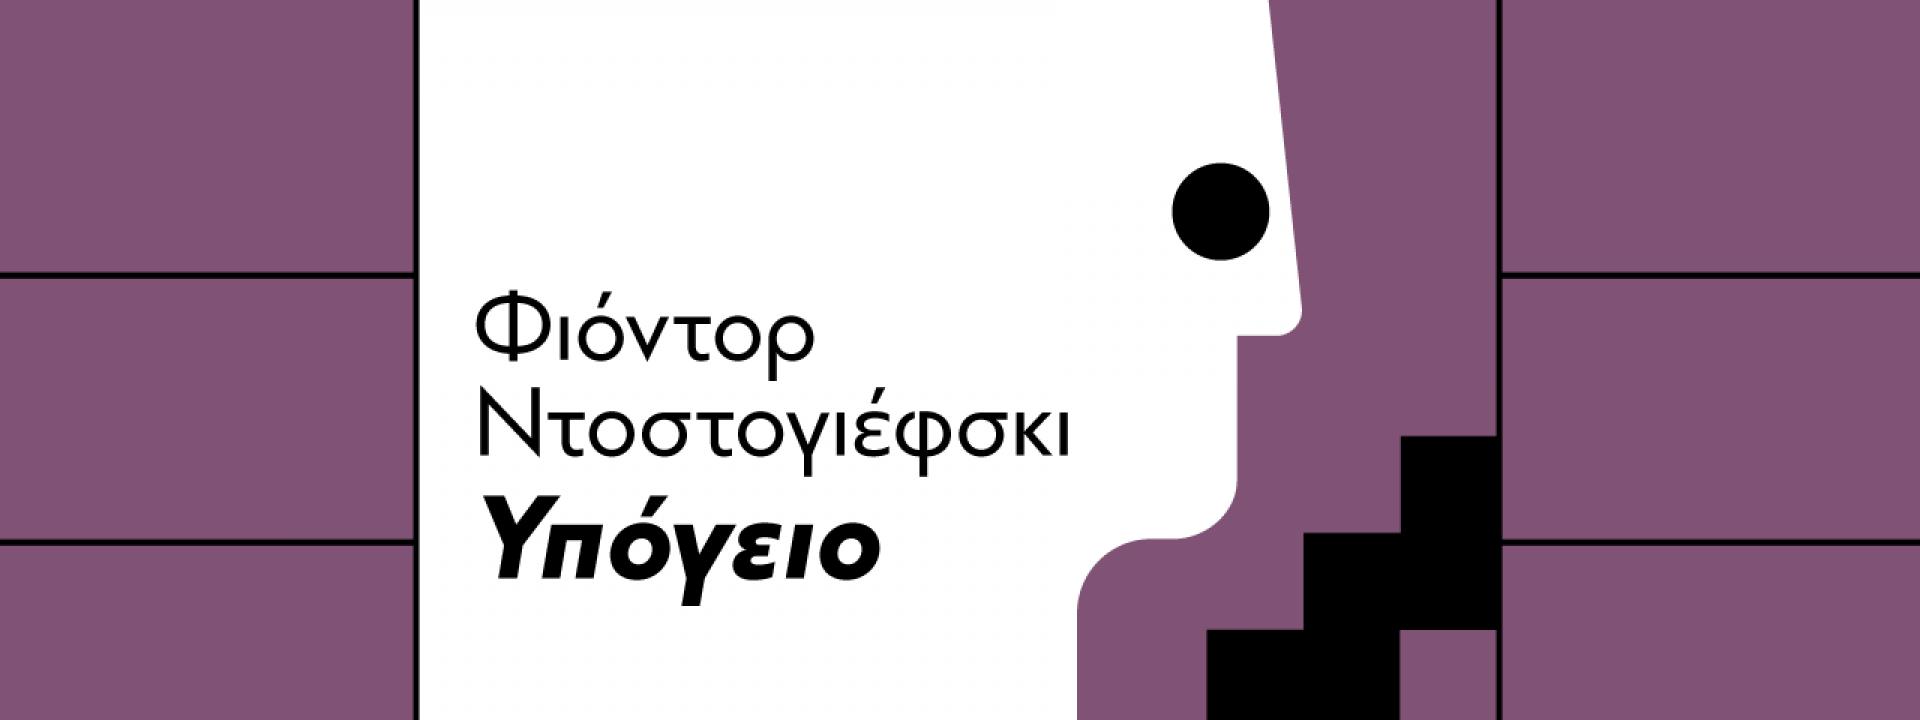 Παραβάσεις: Πρόσωπα του Ήρωα | Φιόντορ Ντοστογιέφσκι, Yπόγειο - Εικόνα